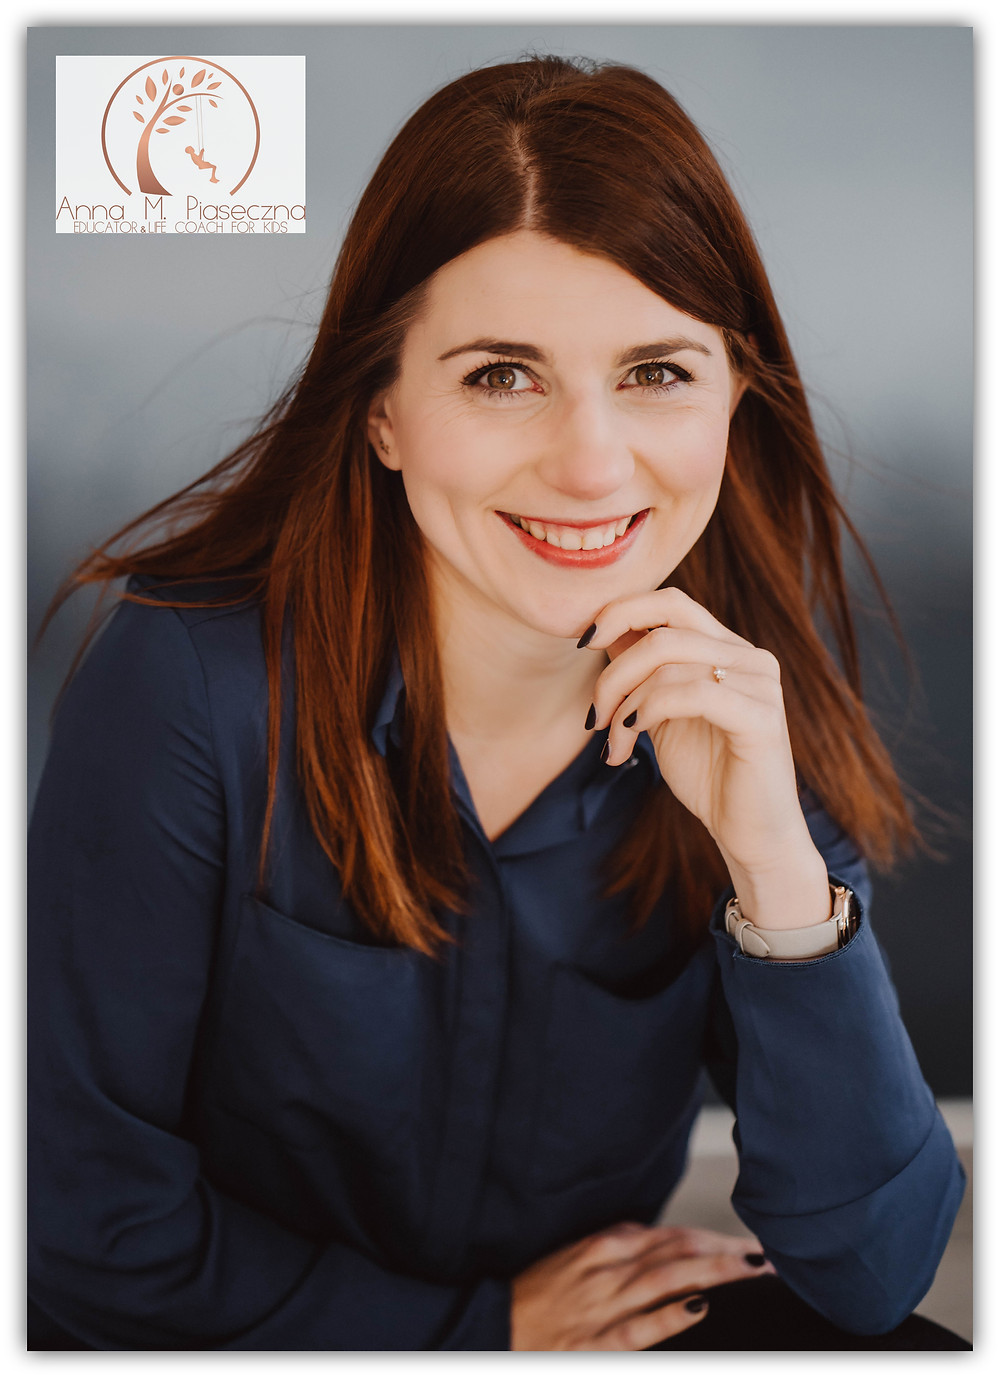 pani Anna M. Piaseczna, trener emocji i relacji, założycielka Free Mind of Child.